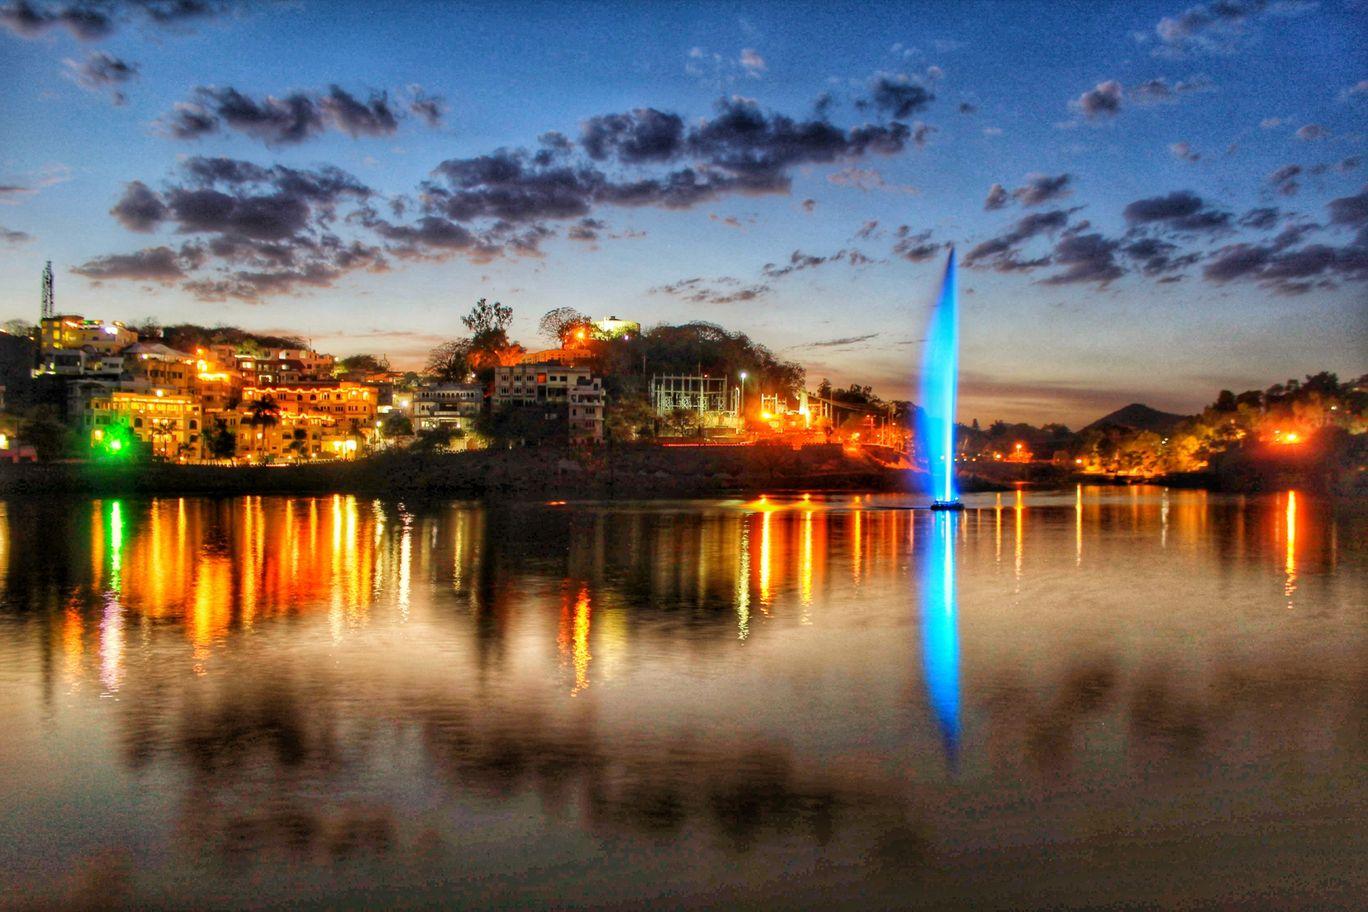 Photo of Fateh Sagar Lake By vidit singhvi